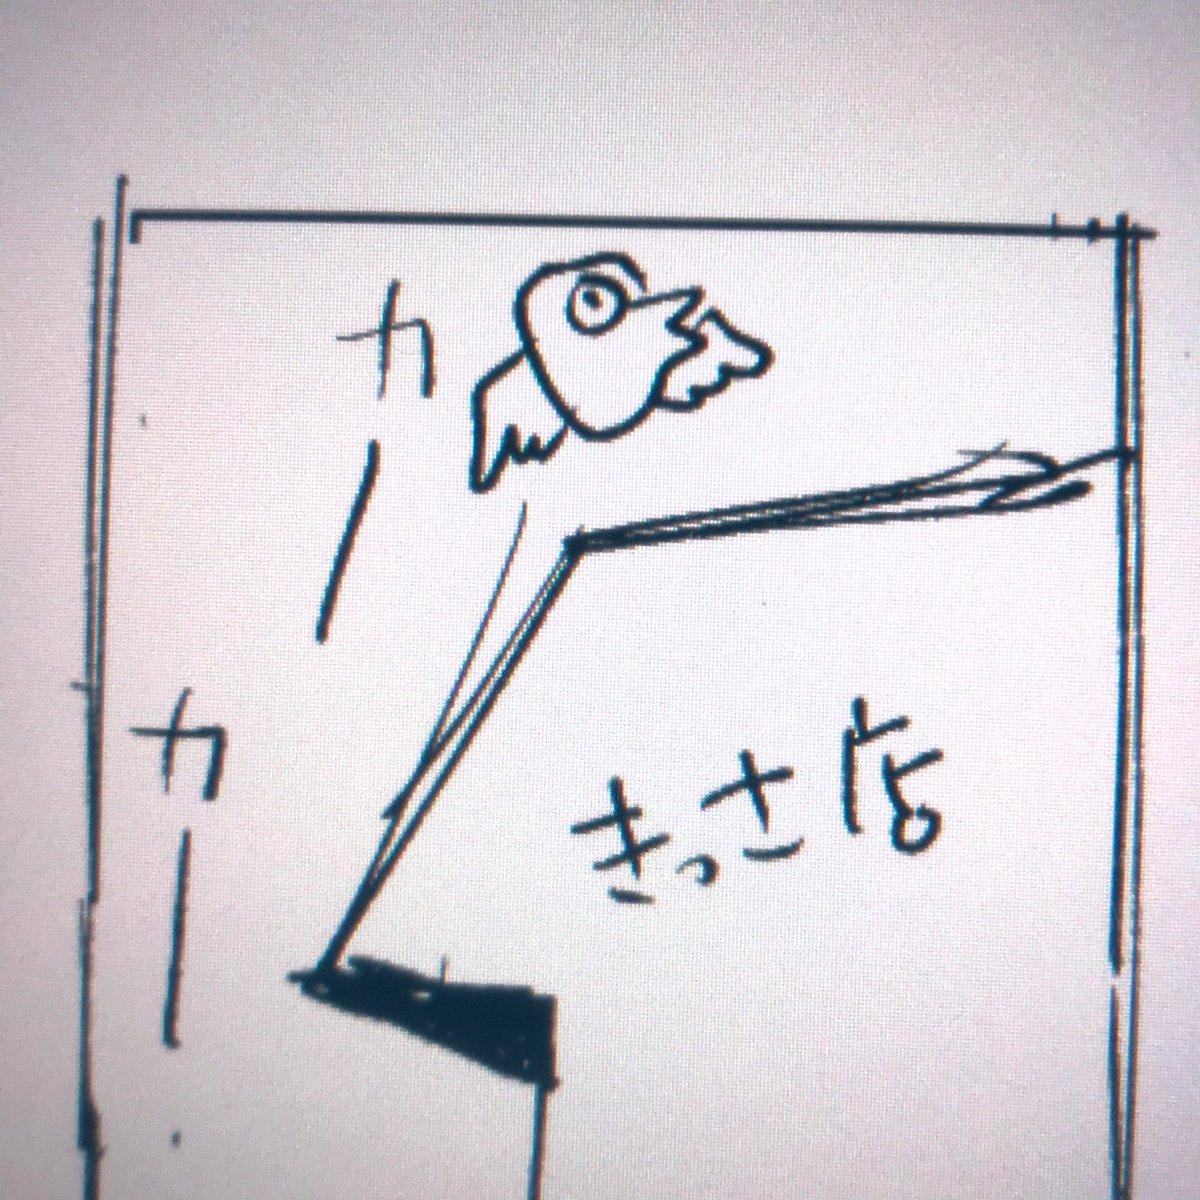 描くの苦手な物 一生 鳥